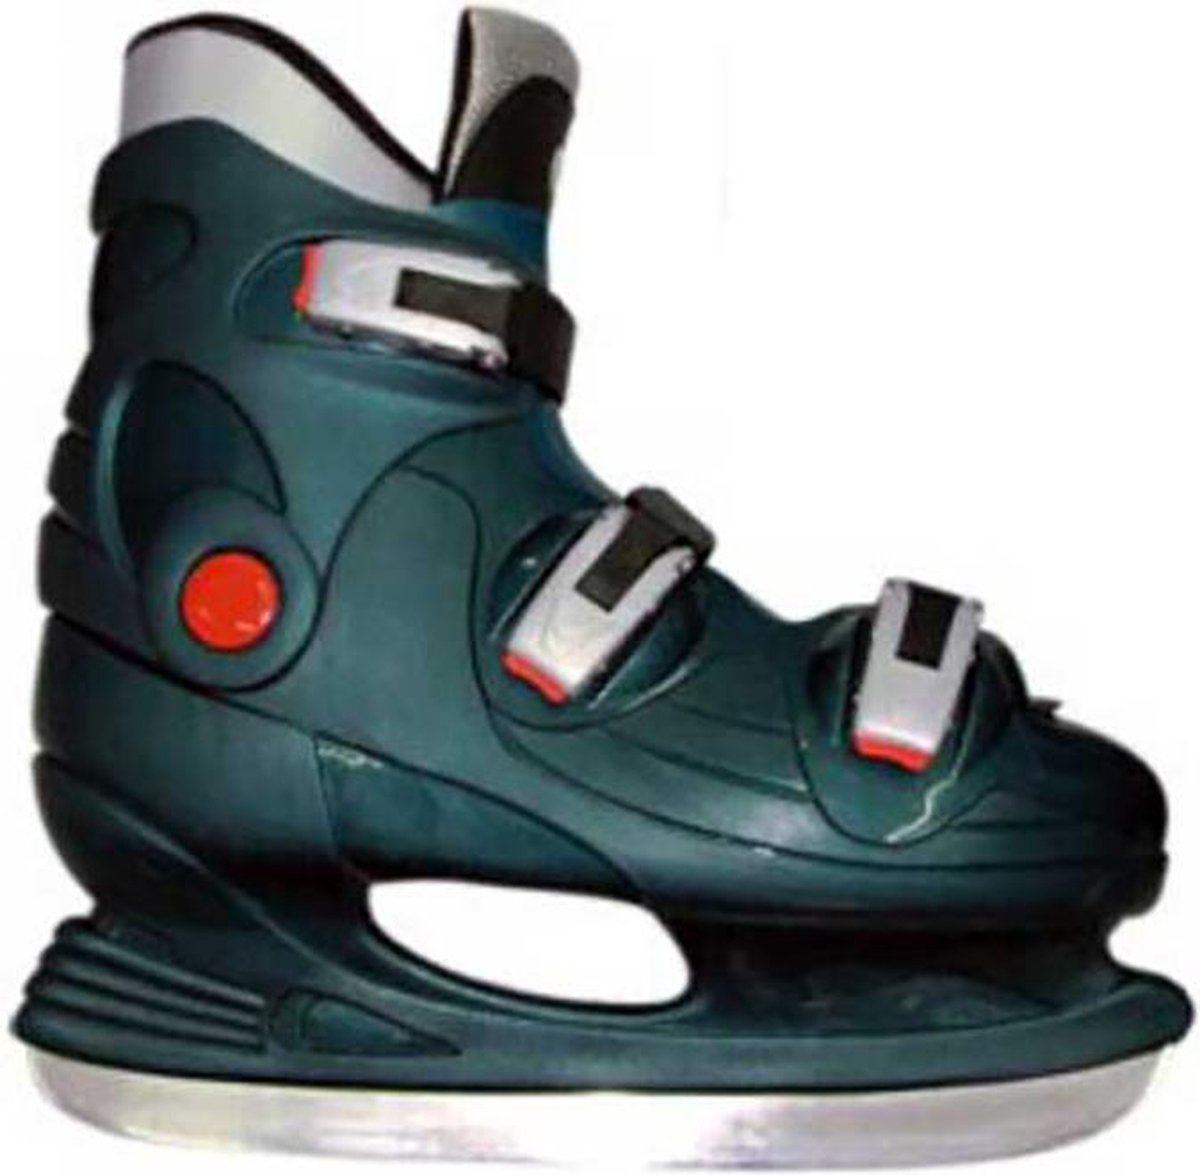 Heren schaatsen | schaatsen volwassenen | hockeyschaatsen - maat 44